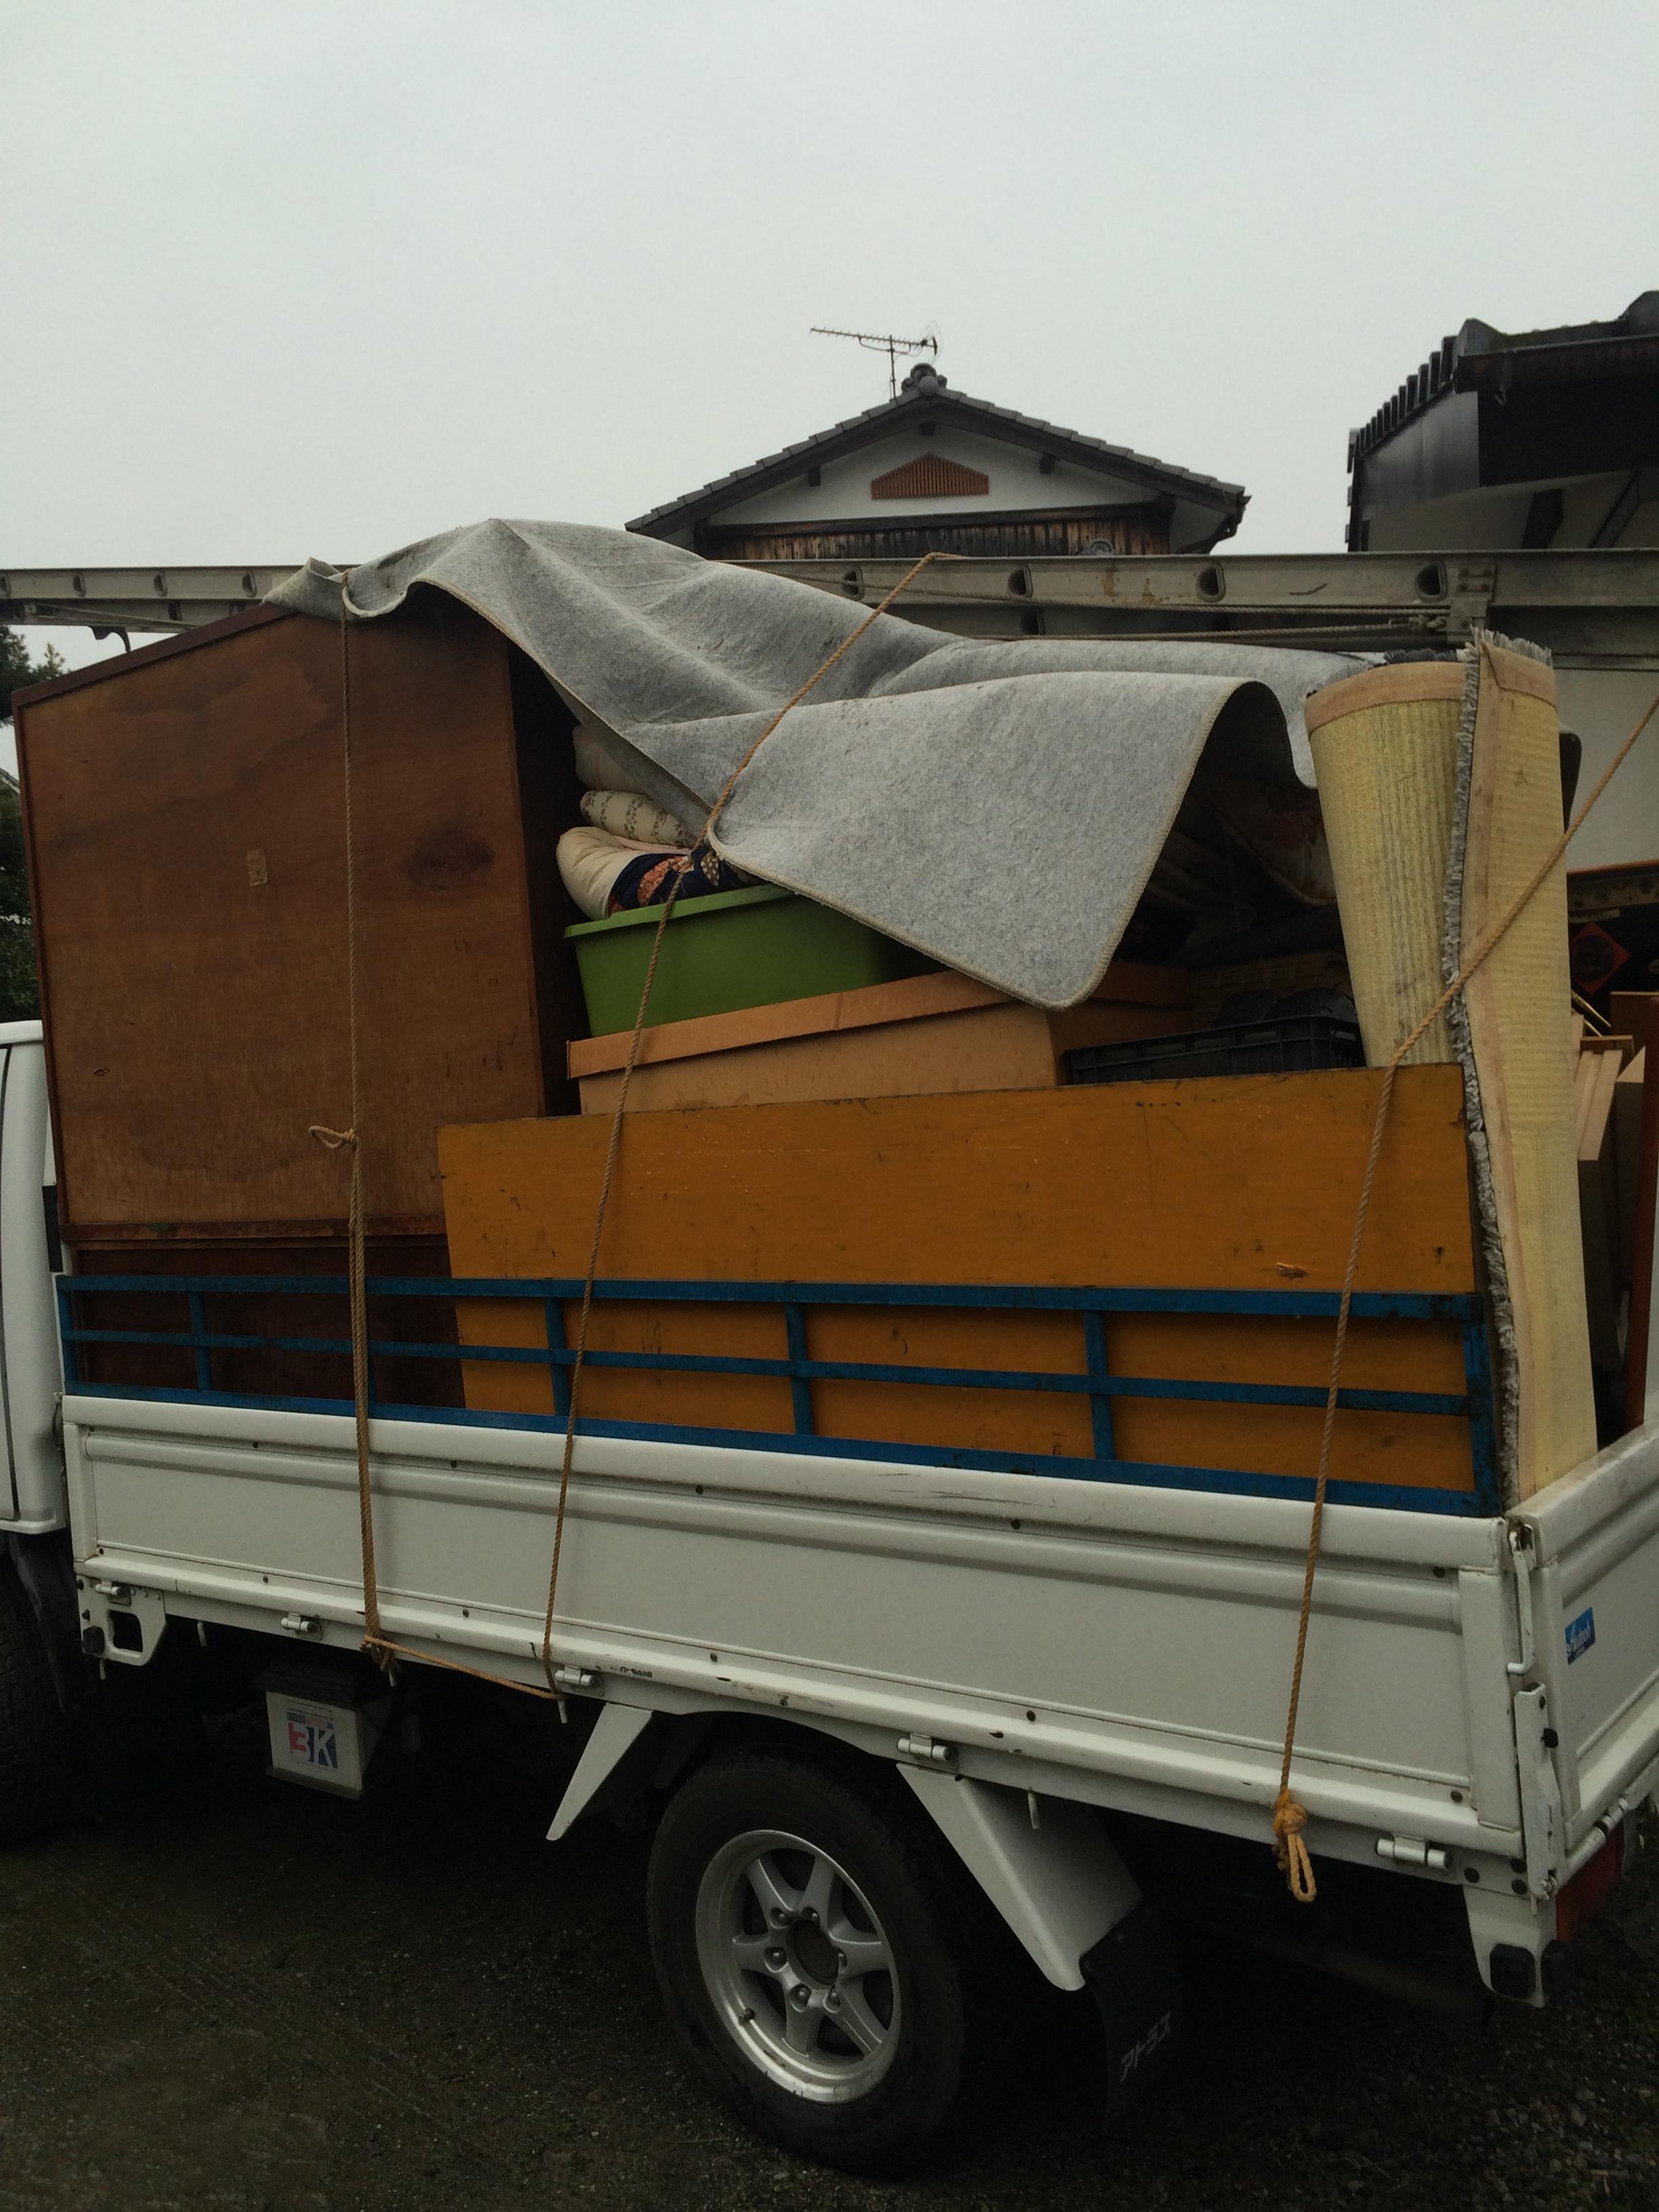 福岡引越しゴミ回収、引越しゴミ回収福岡、粗大ゴミ回収、不用品回収福岡、飯塚不用品回収、北九州不用品回収